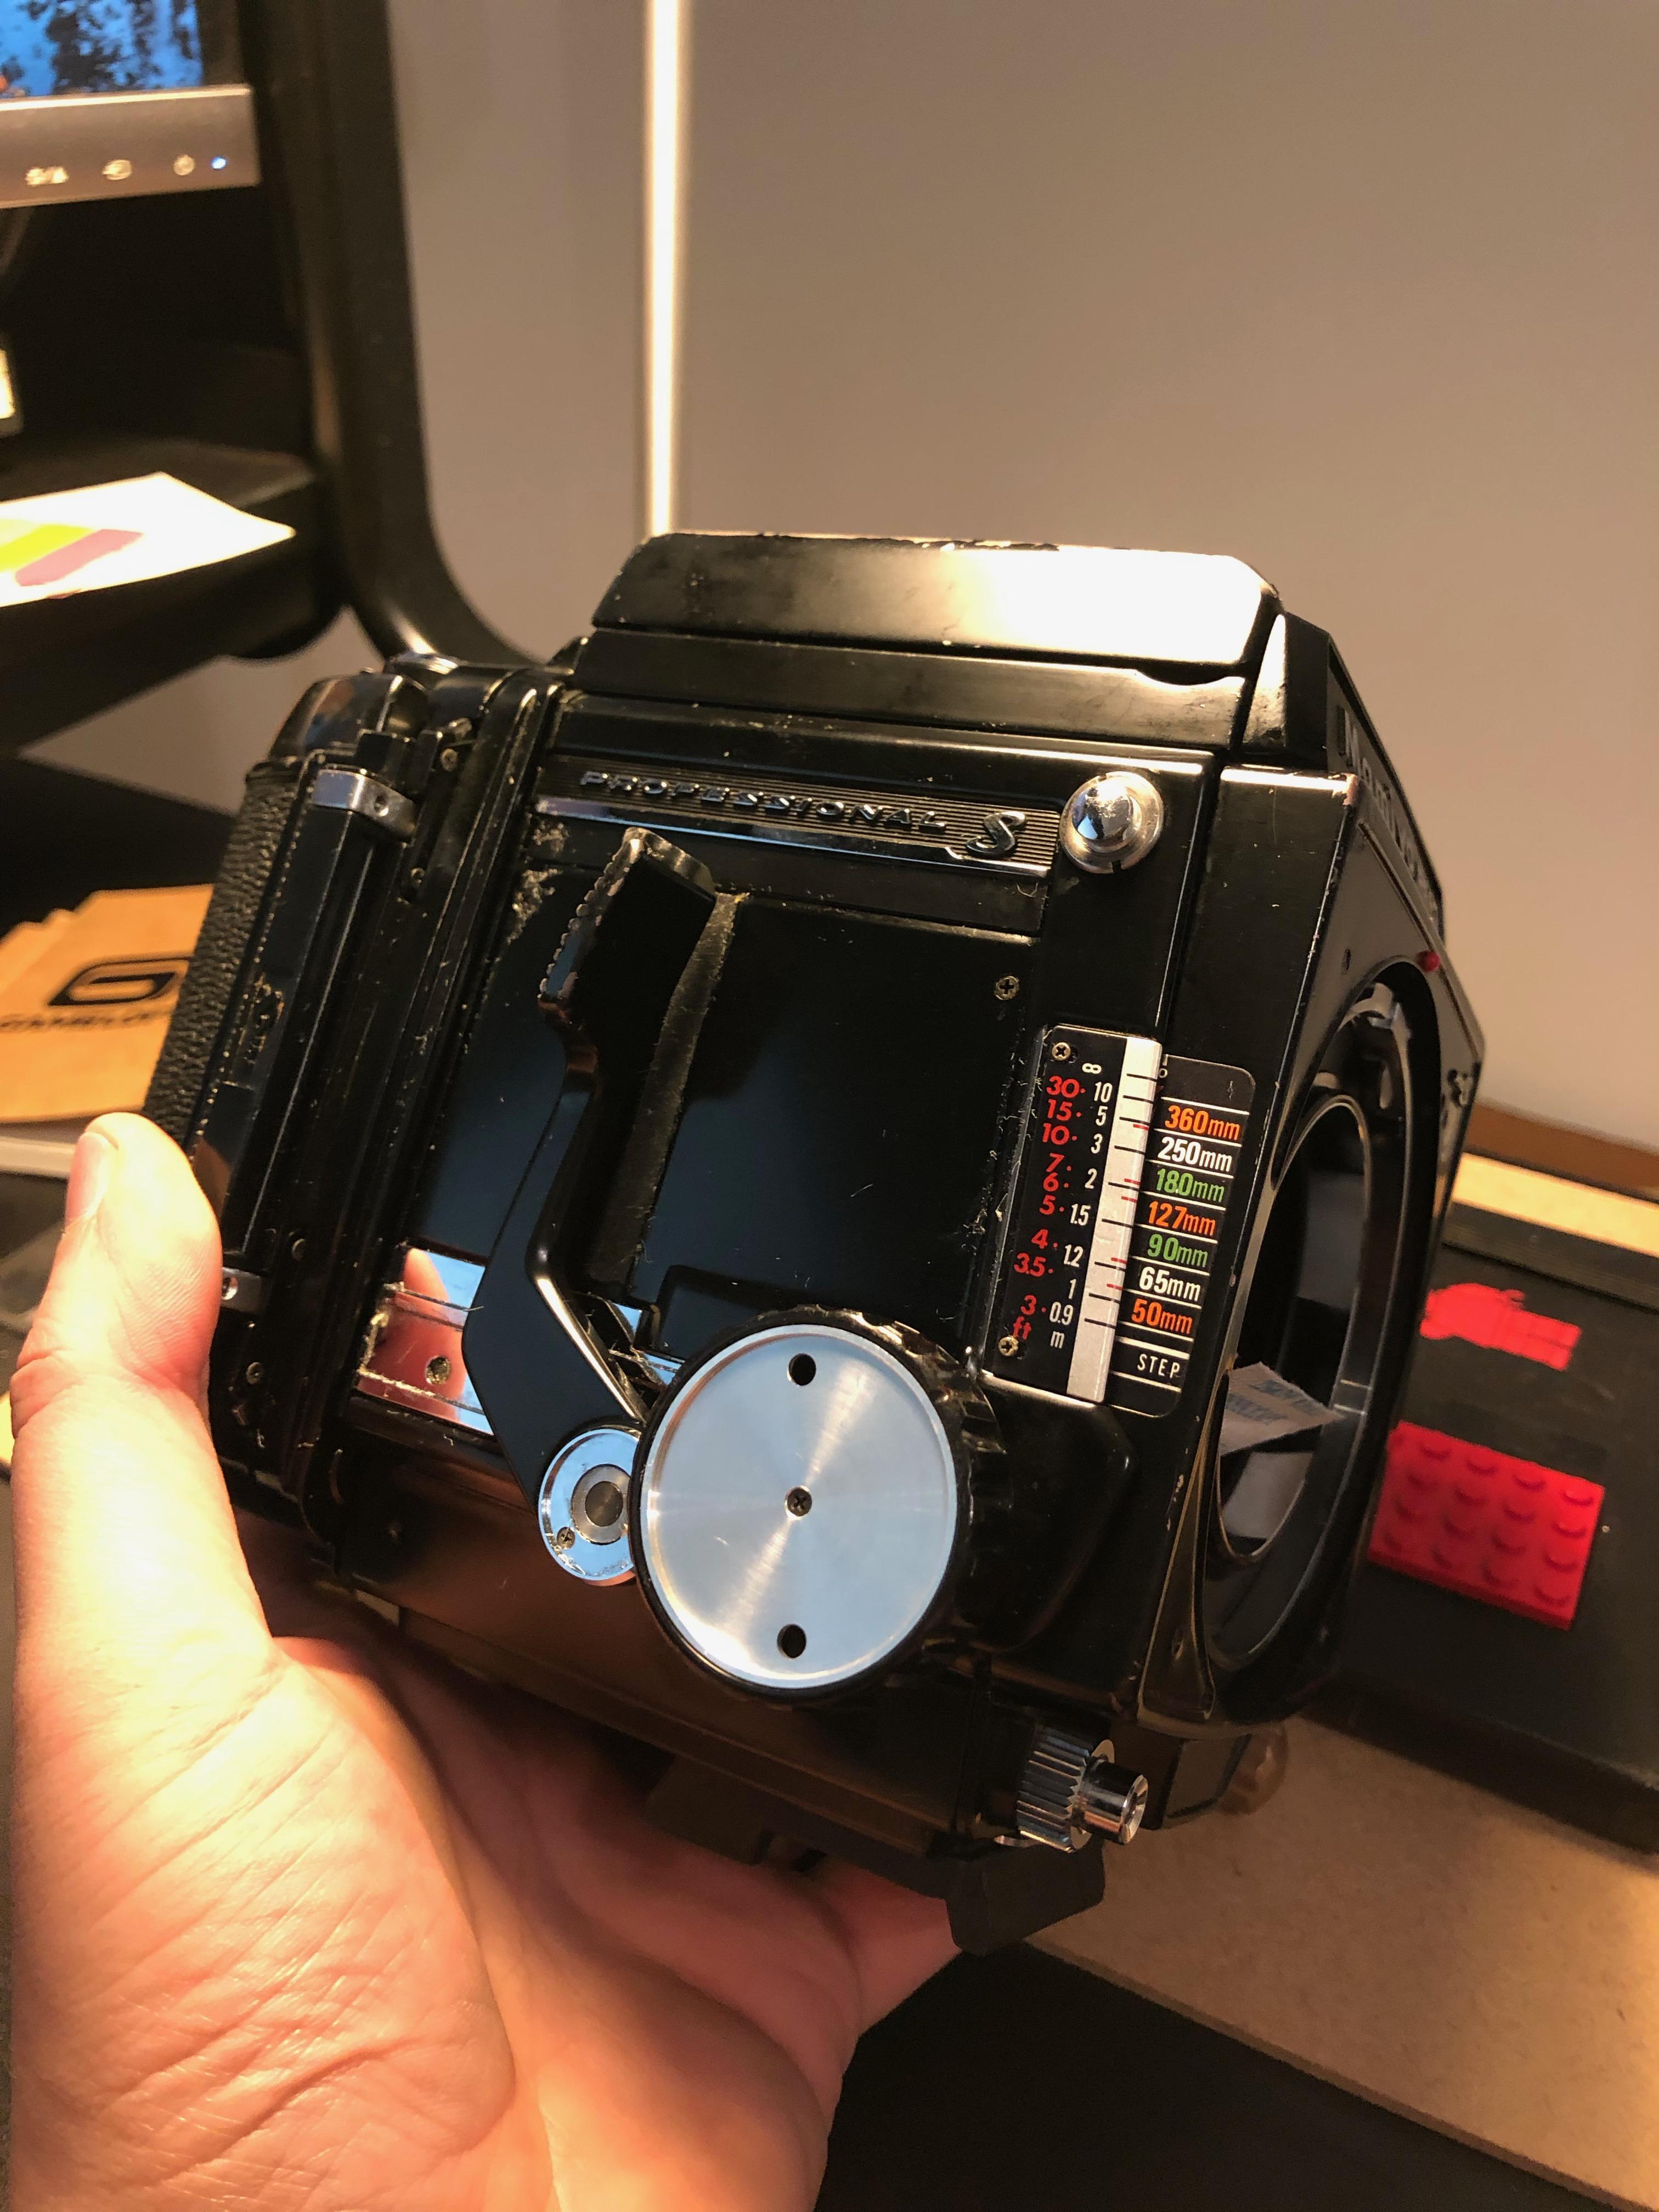 mamiya-rb67-restoration-medium-format-camera-light-seals-leather-148